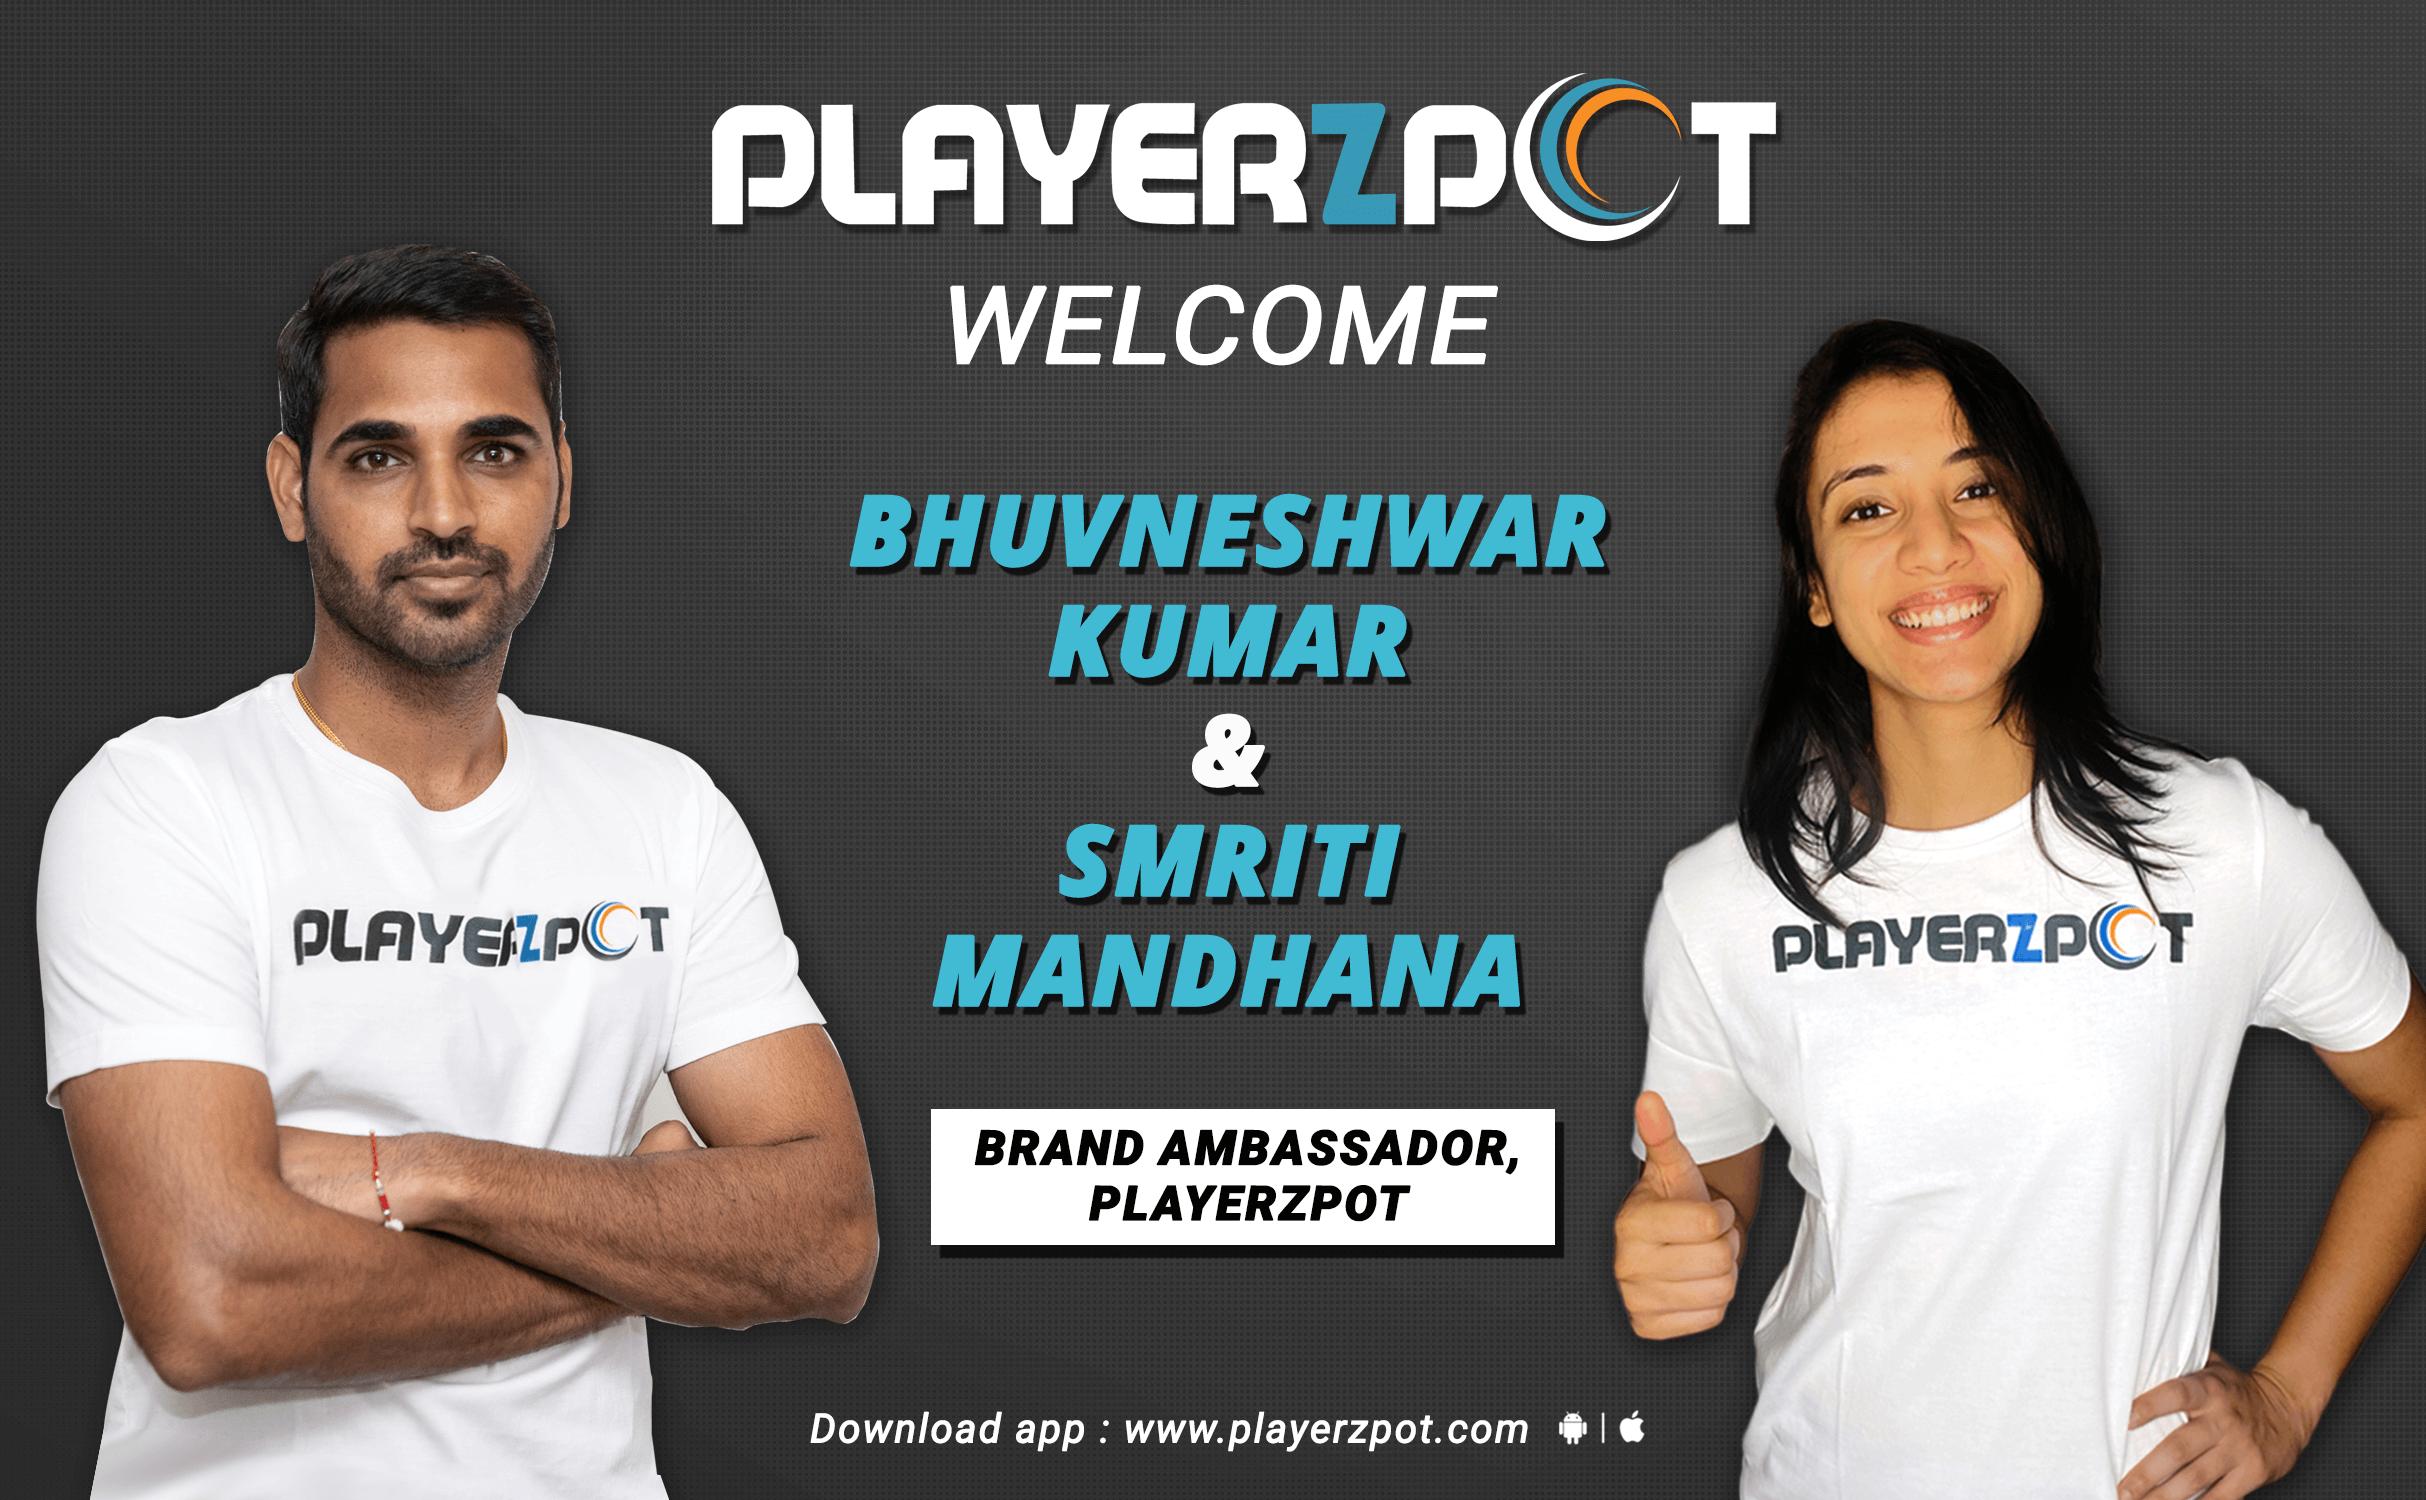 PlayerzPot Brand Ambassadors